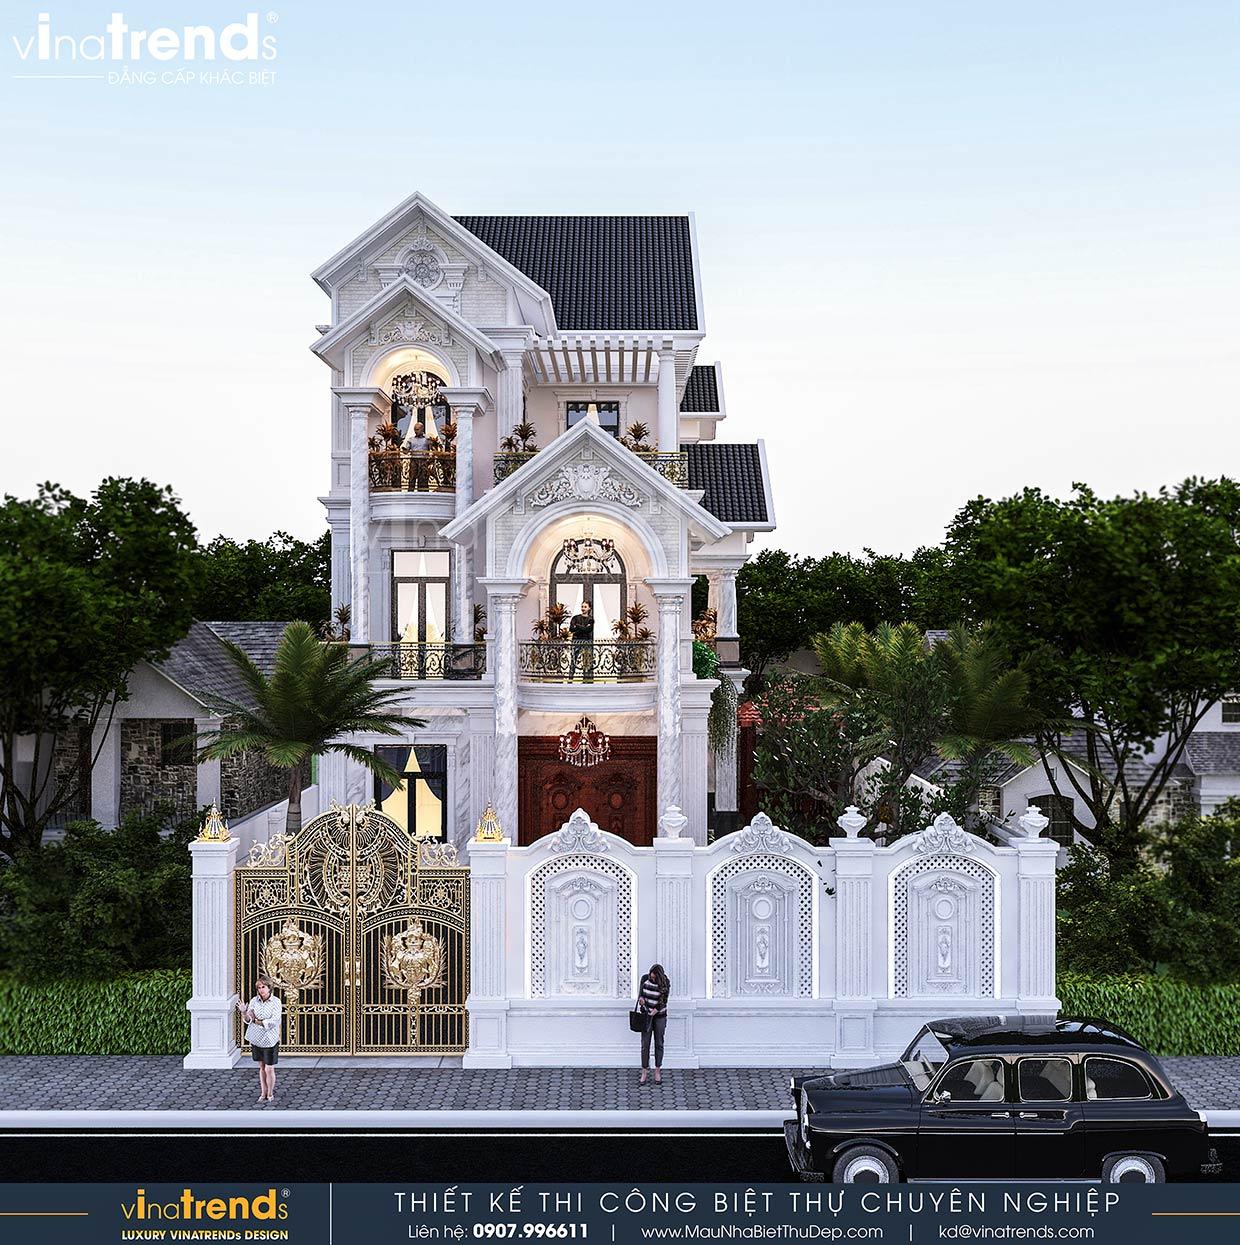 mau nha biet thu 3 tang mai thai dep nhat viet nam 1 50+ mẫu nhà biệt thự cổ điển đẹp đẳng cấp nhiều đại gia Việt đã chọn xây